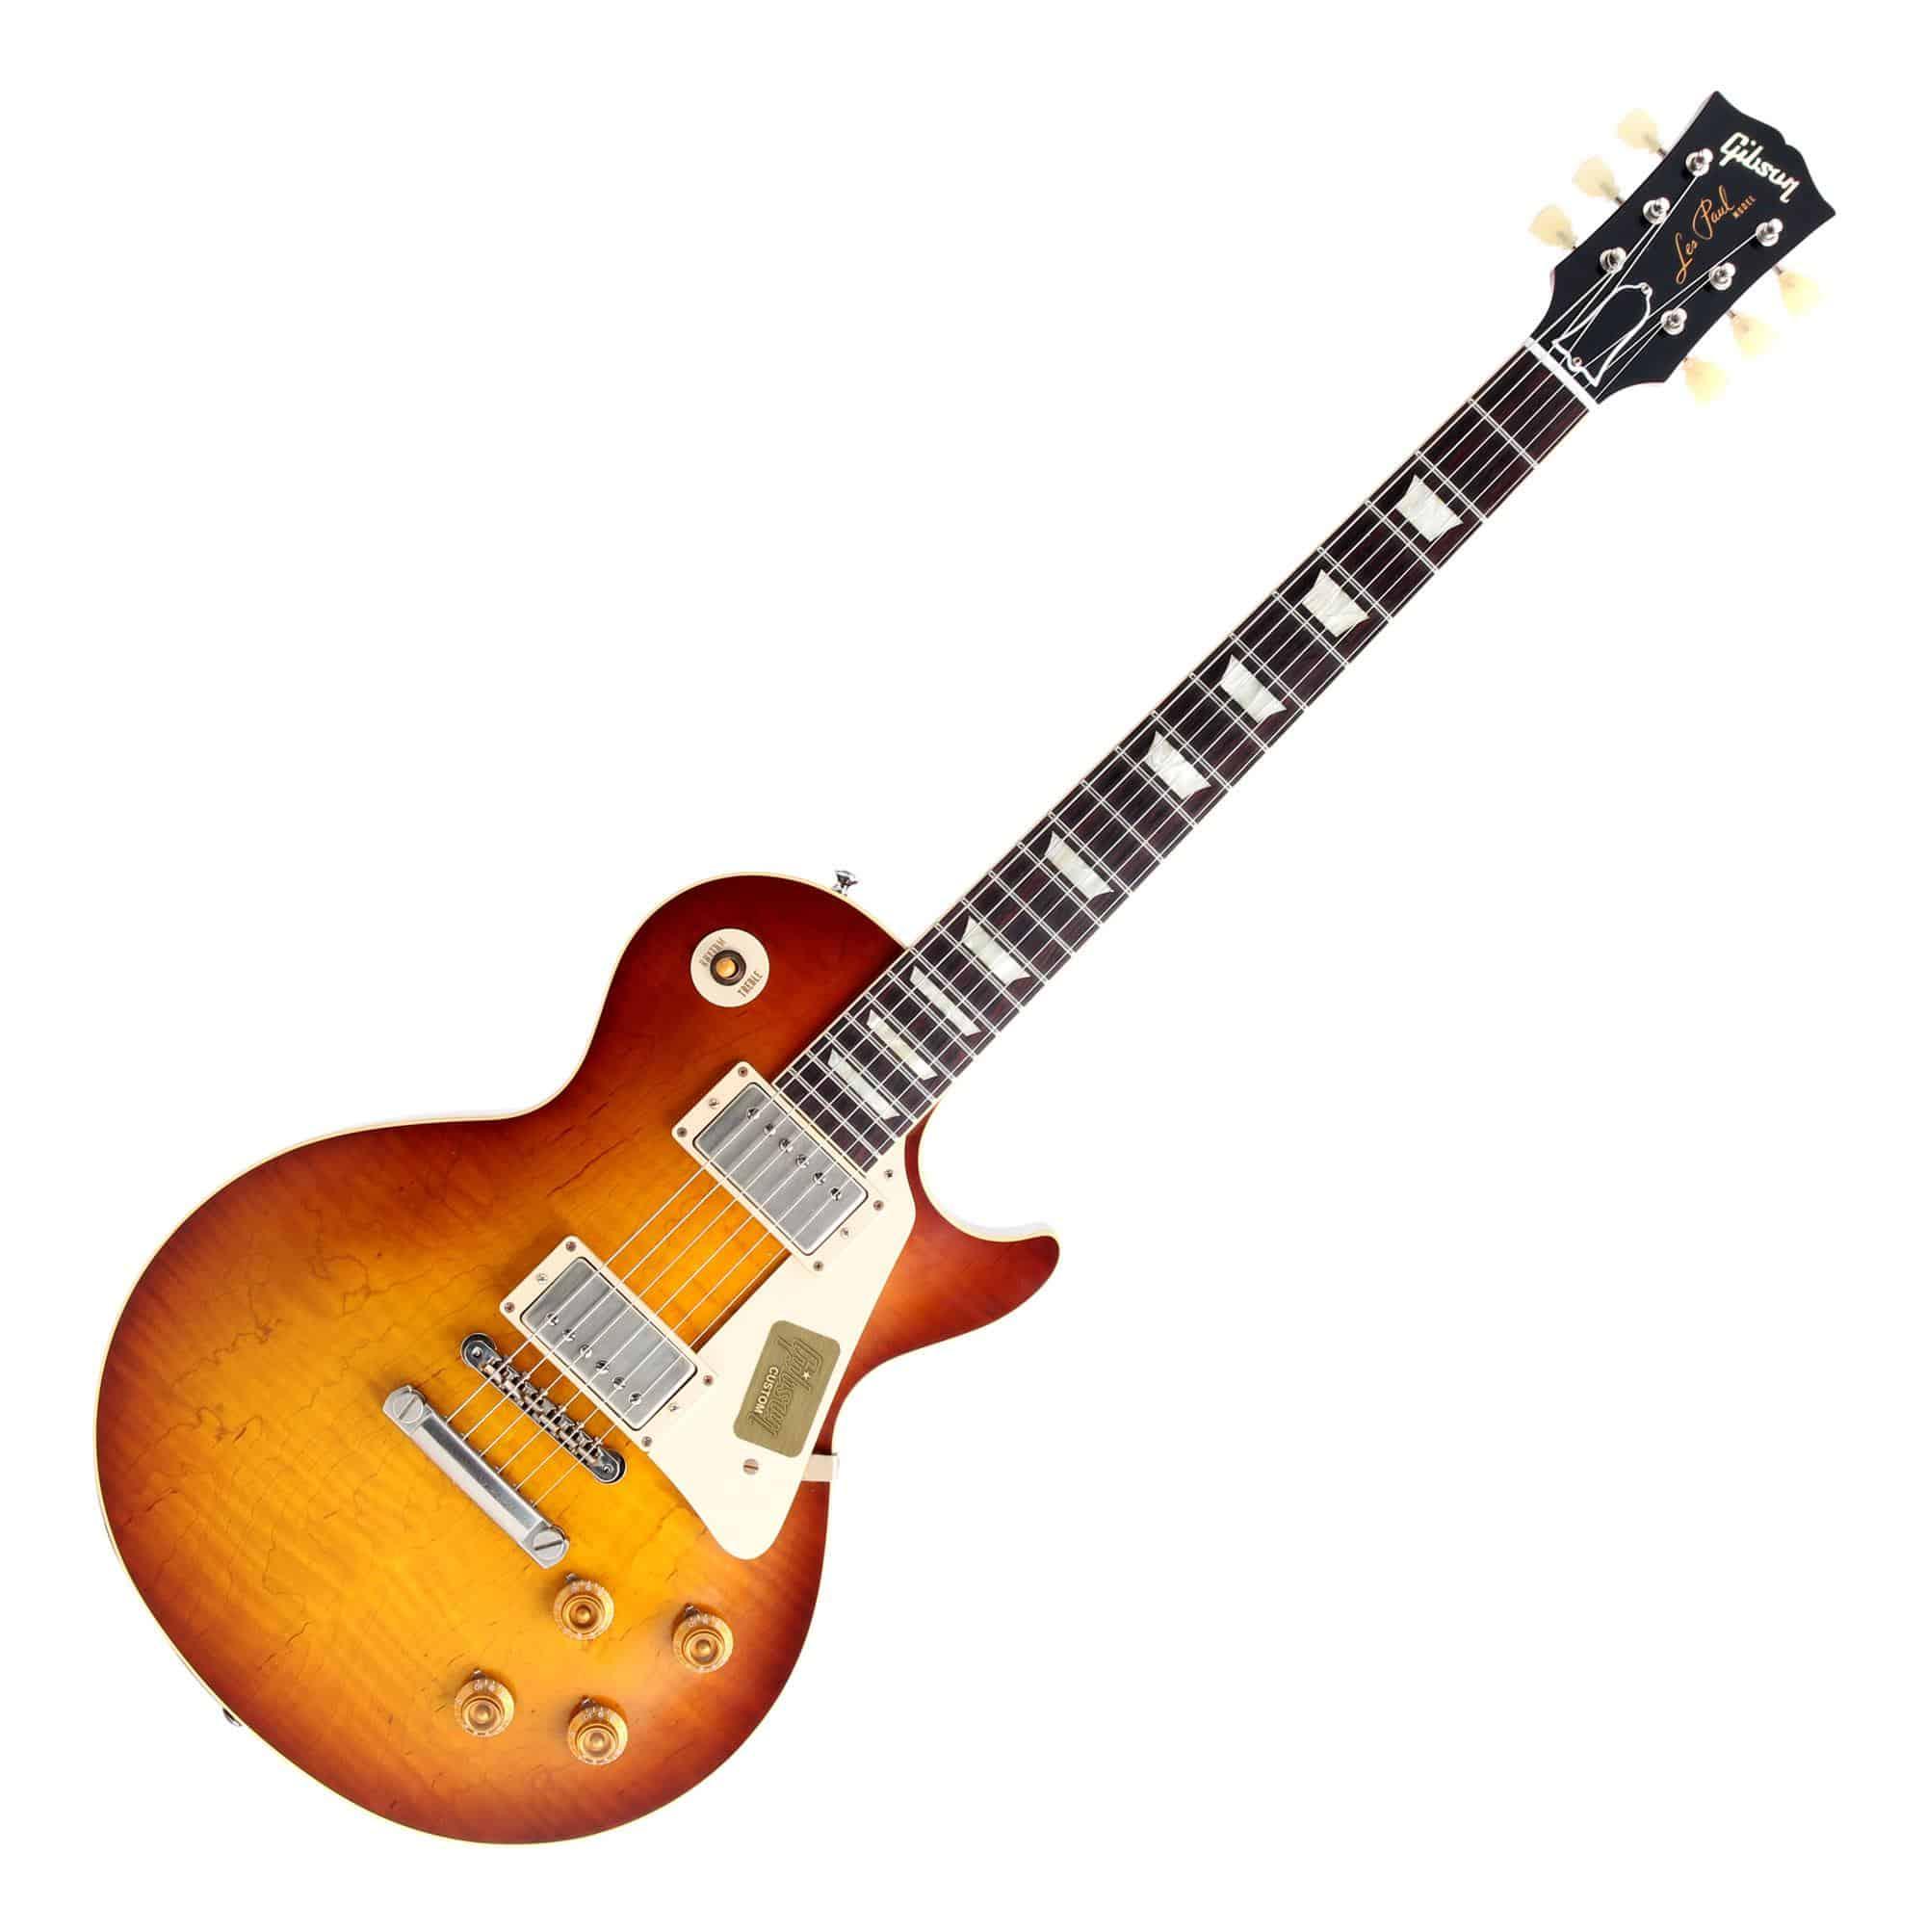 Gibson Vintage Reissue Gitarre Restaurierungsset